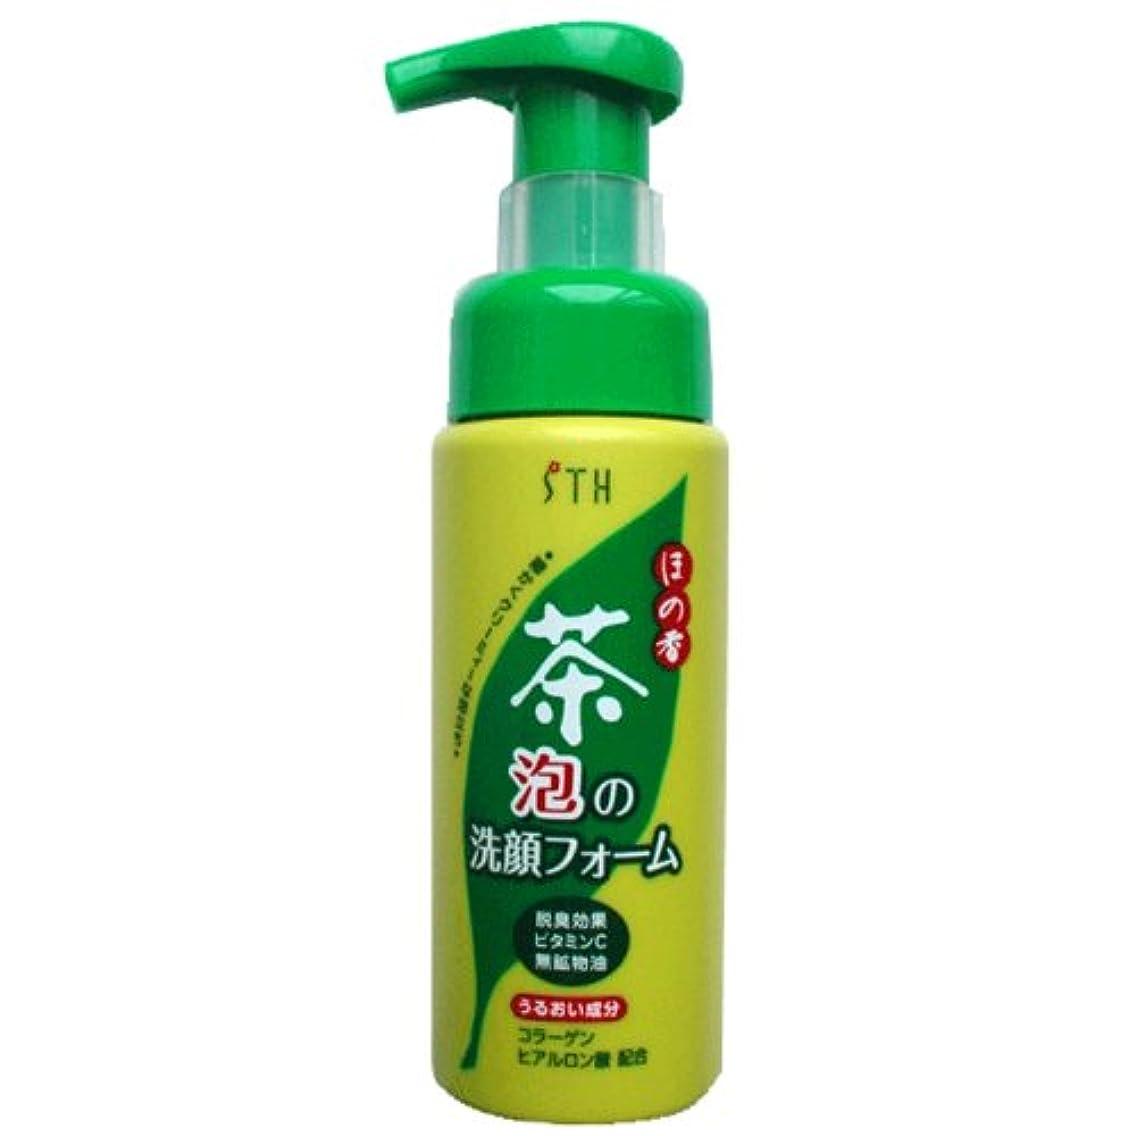 ラップトップ動力学パーク茶 泡の洗顔フォーム200ml